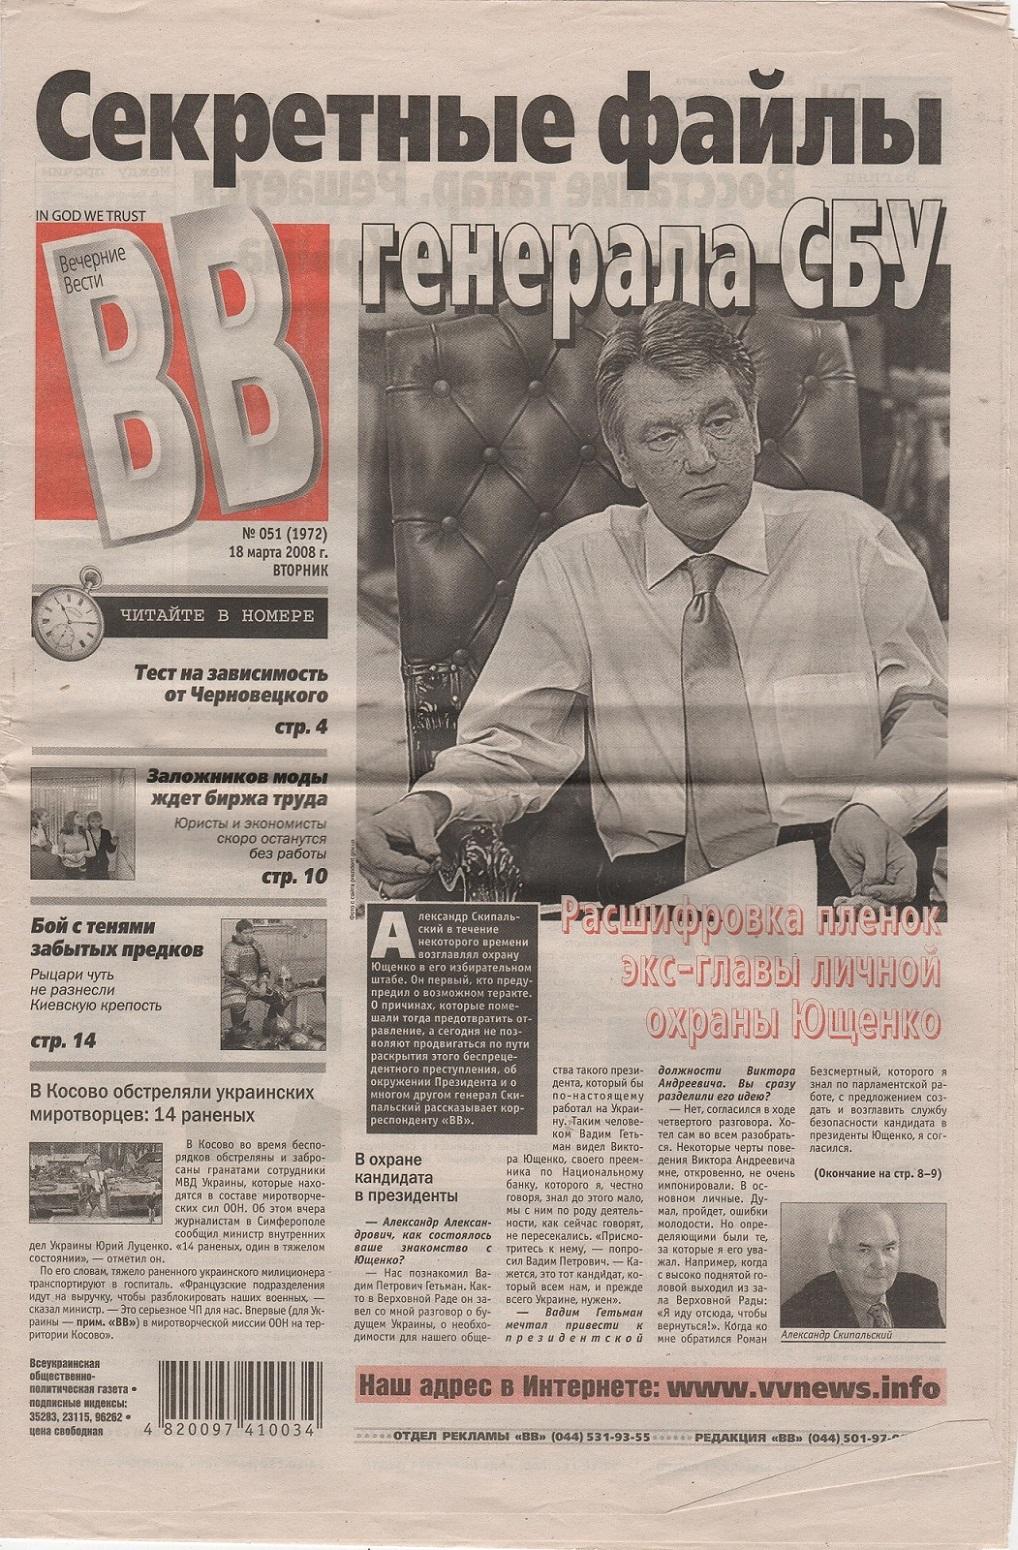 """Газети. Газета """" Вечерние вести"""" № 051 (1972) від 18 березня  2008 року"""